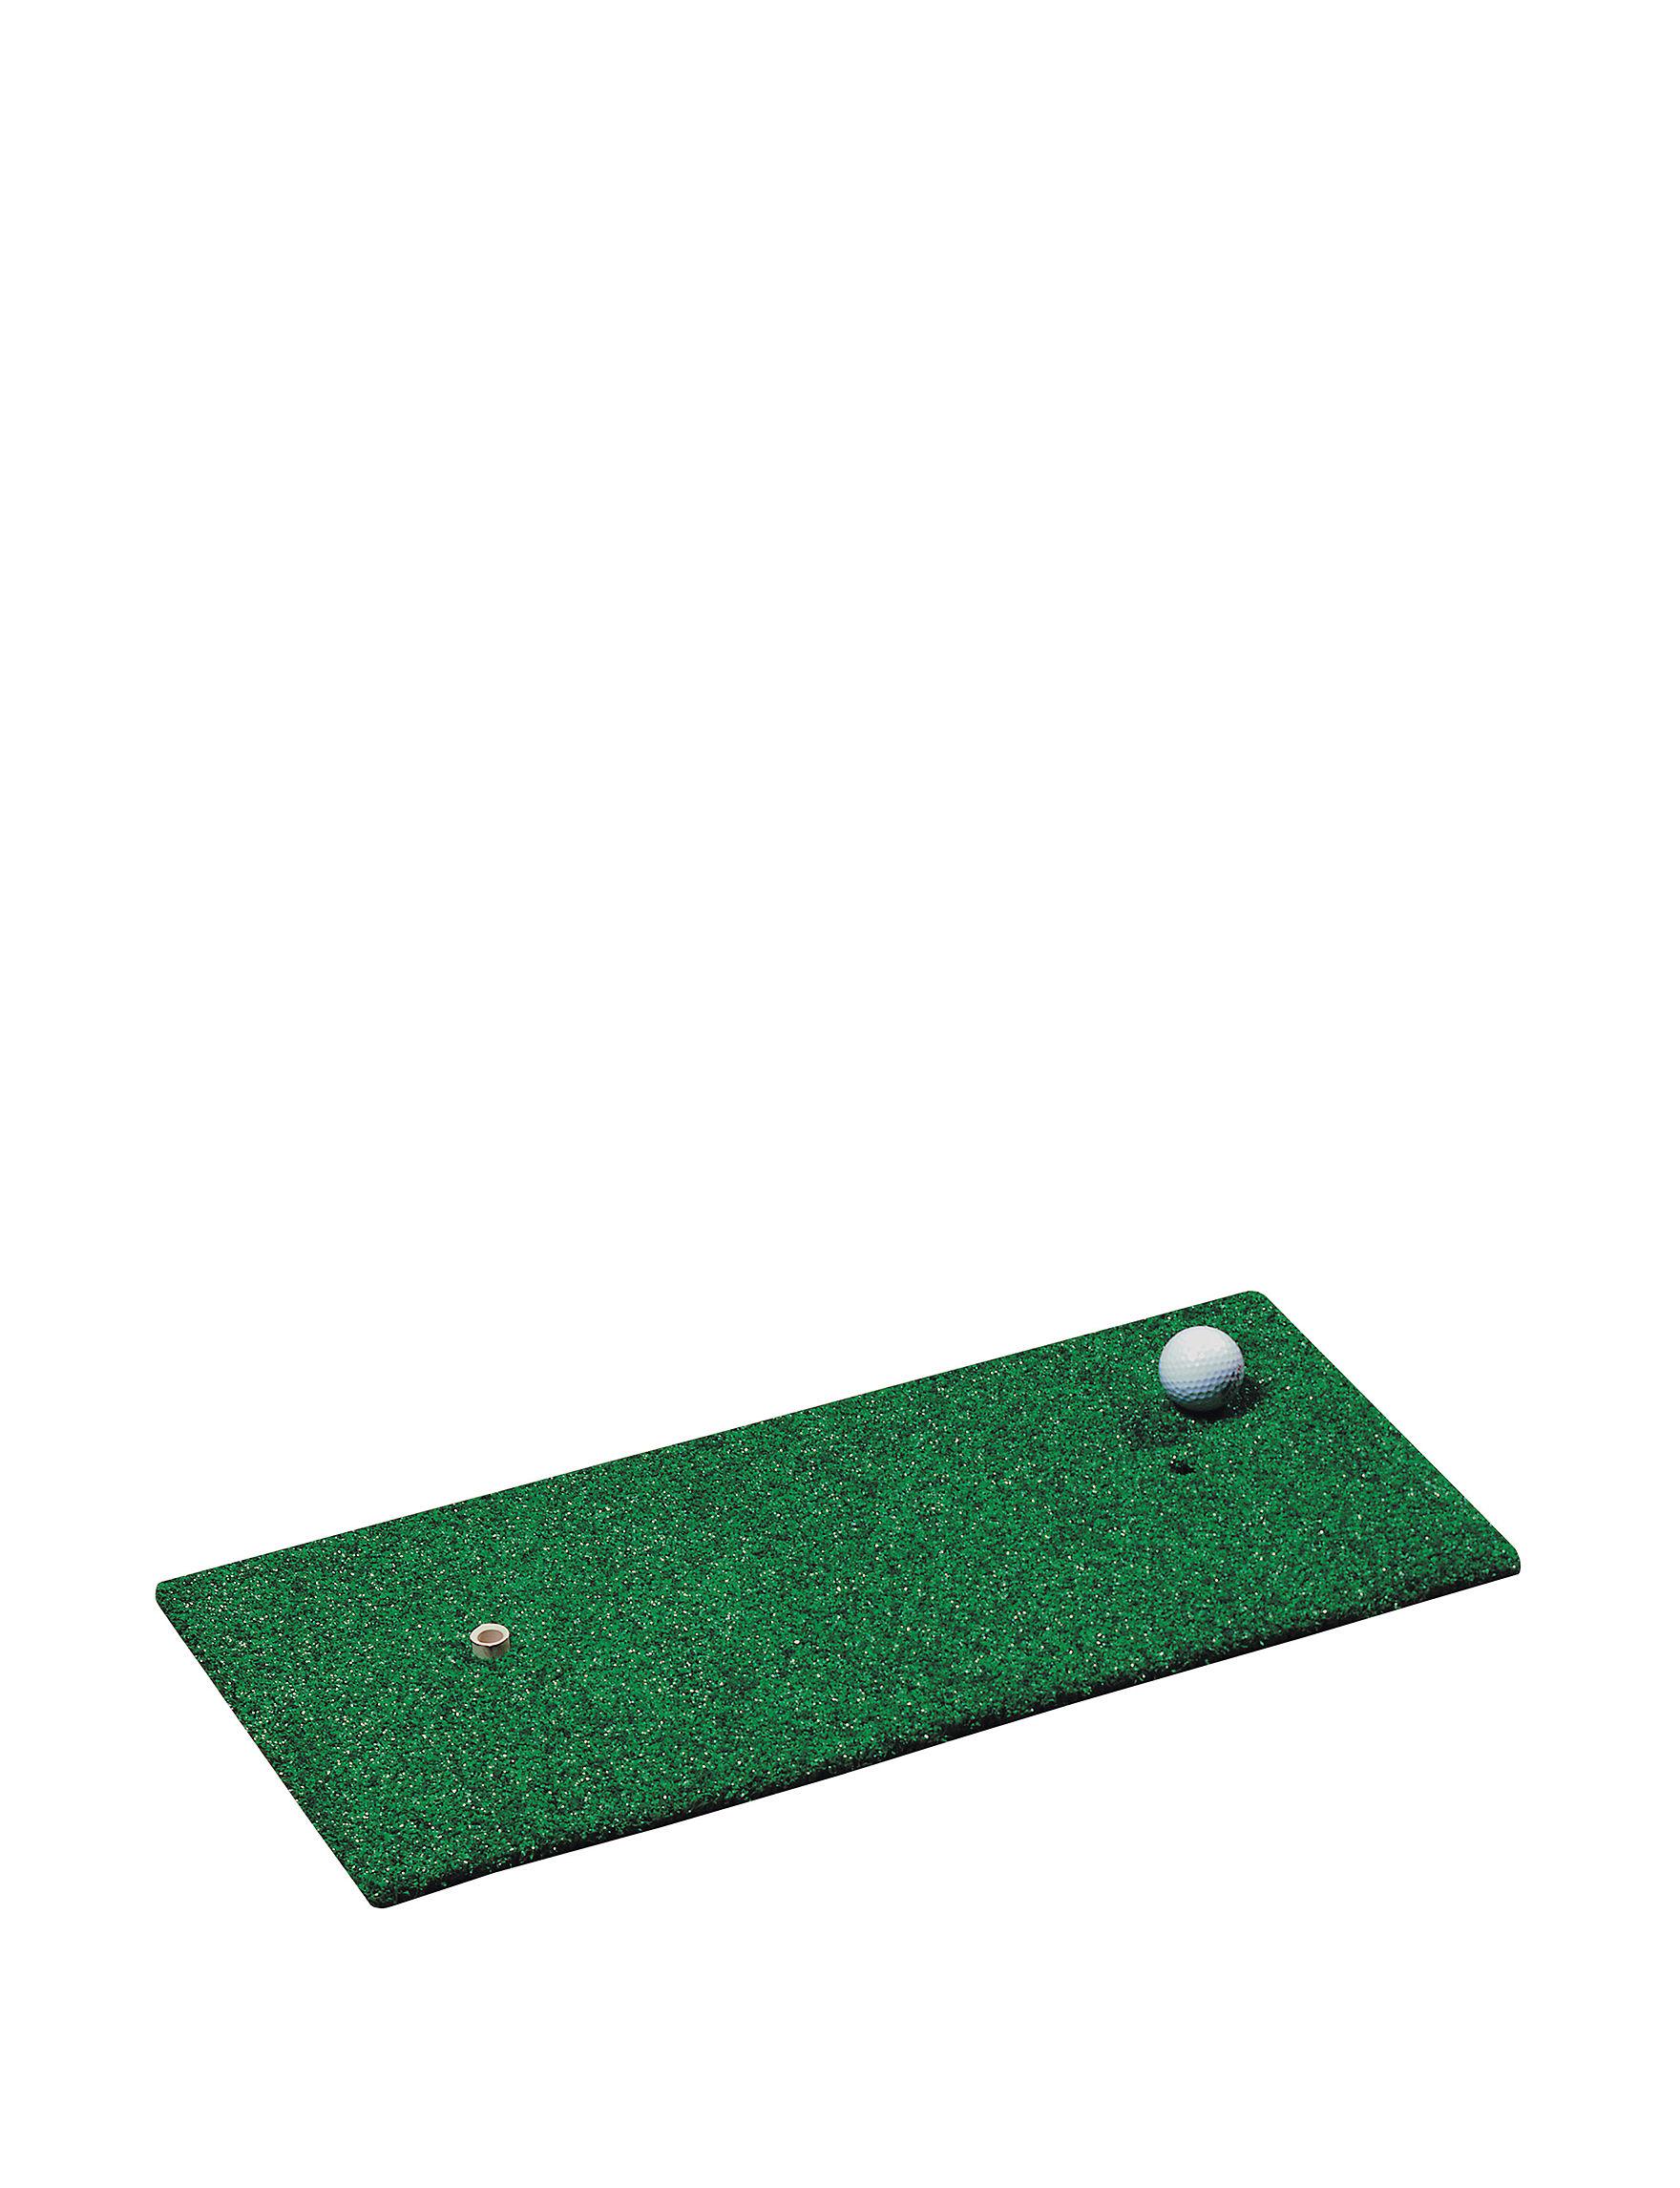 Izzo Golf Green Golf Equipment